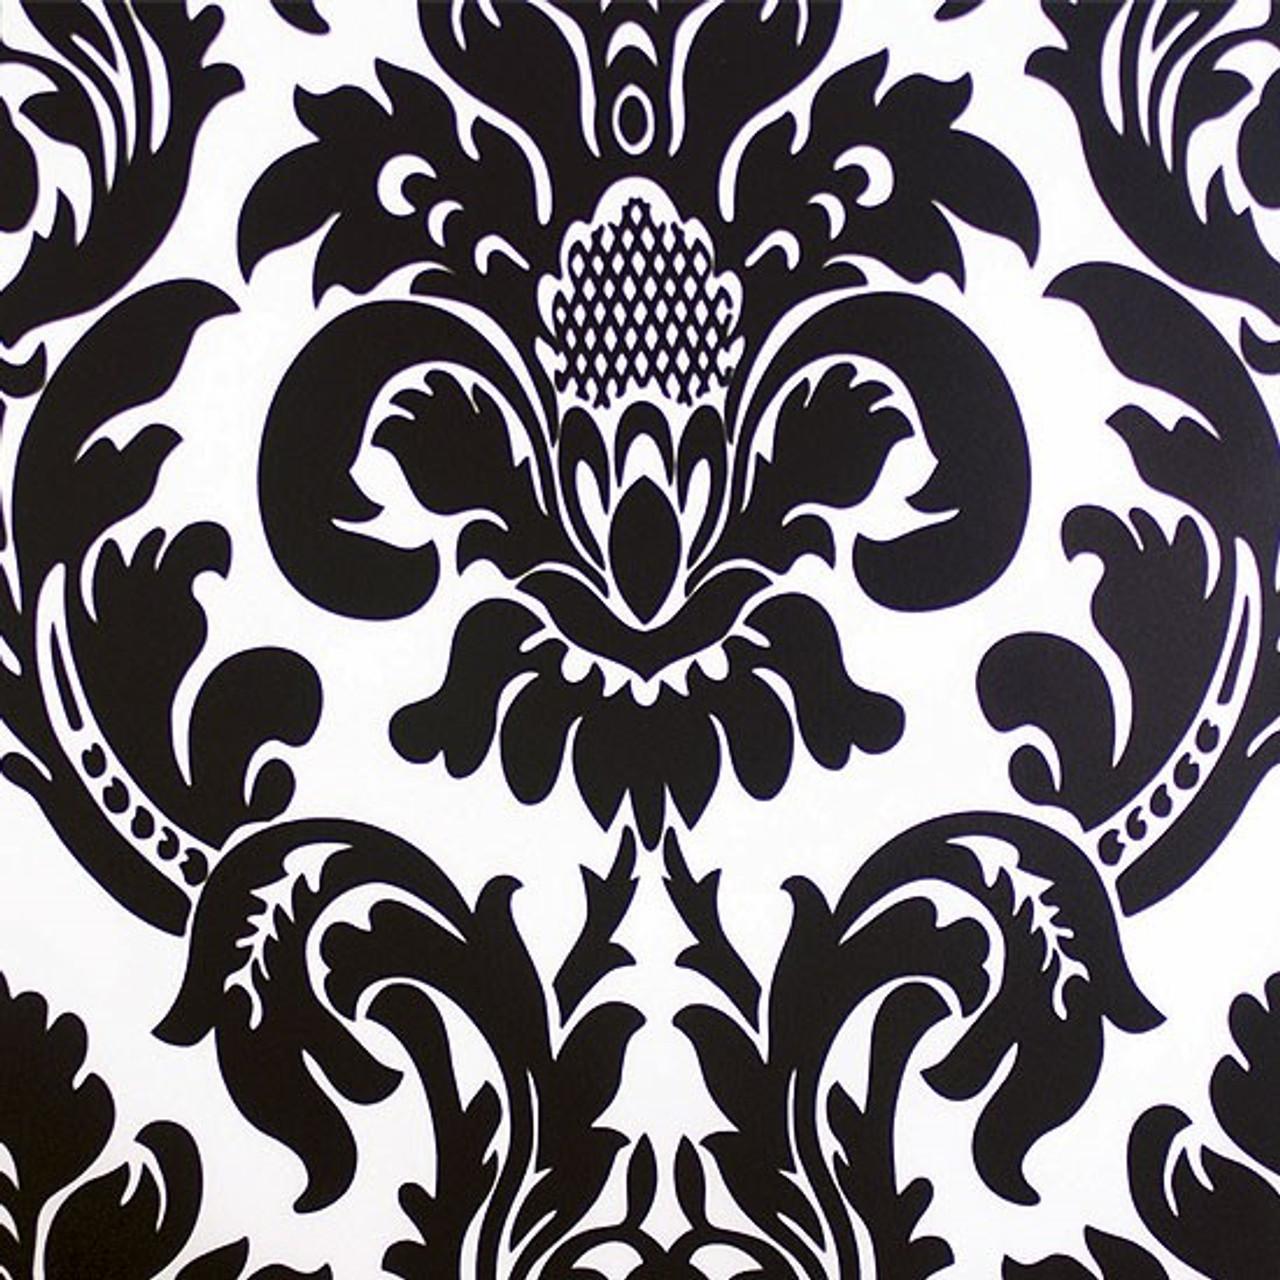 alterio black white damask chiavari chair cushion cover